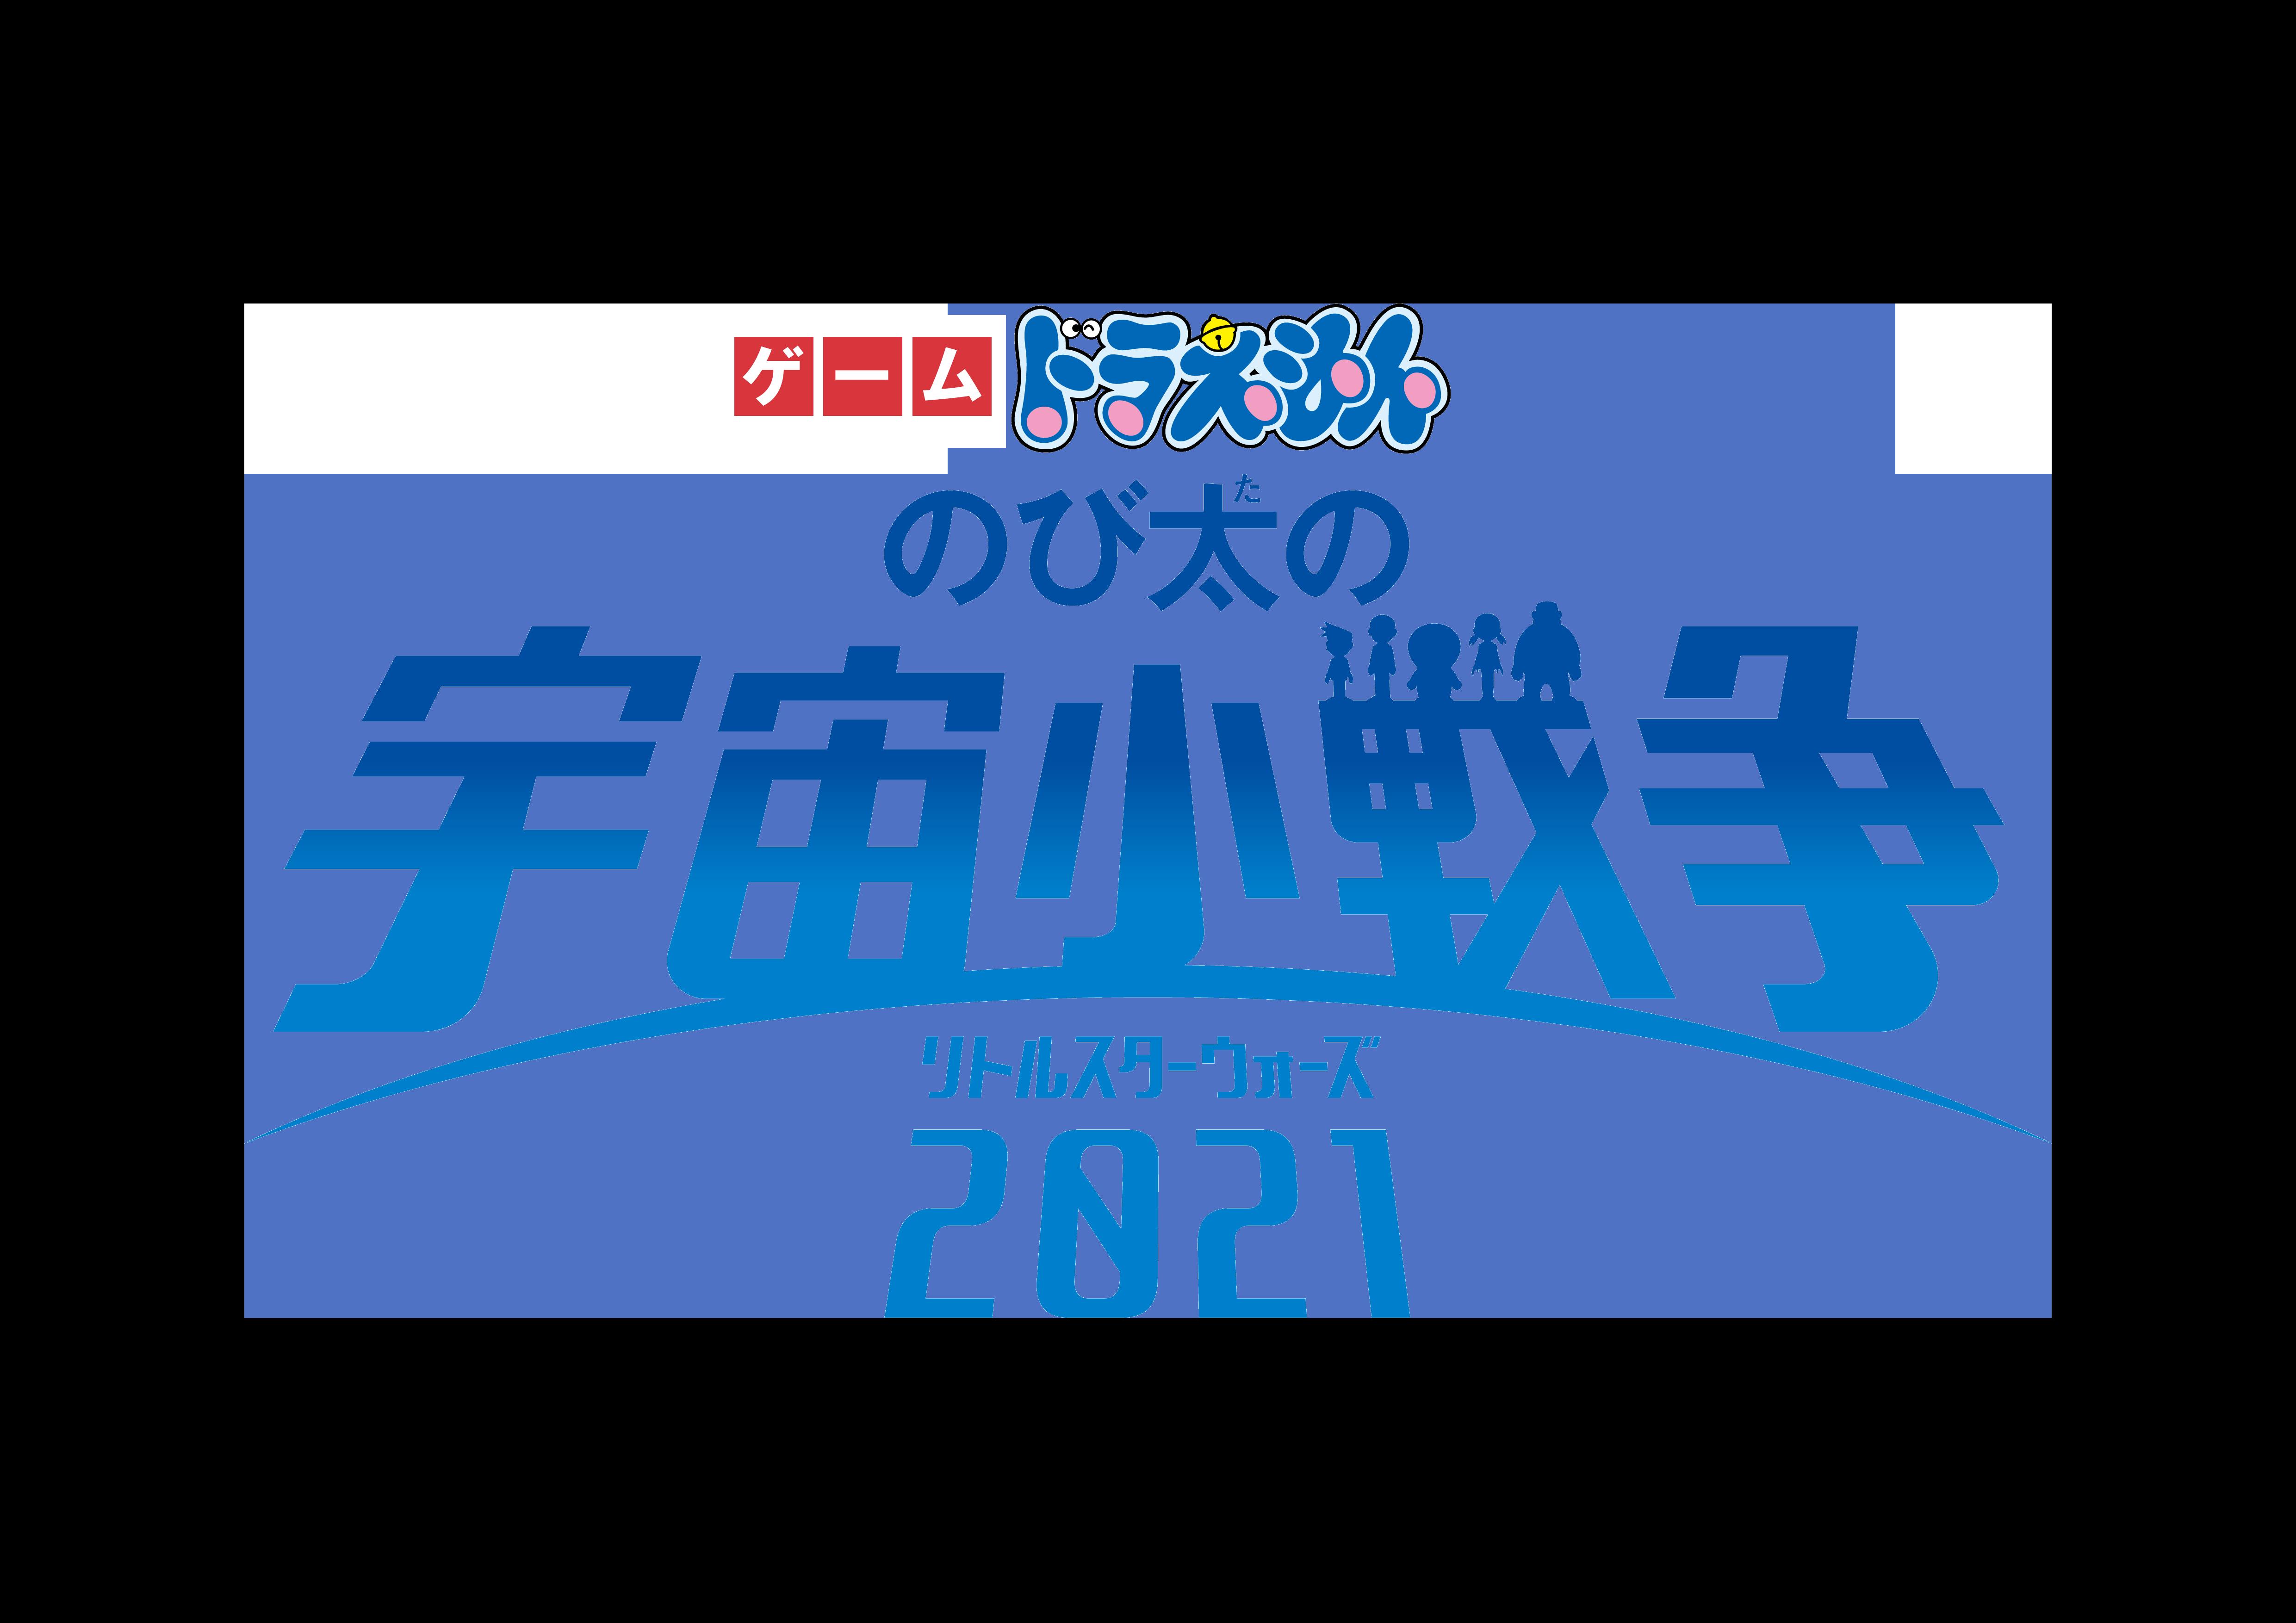 『ゲーム ドラえもん のび太の宇宙小戦争 2021』